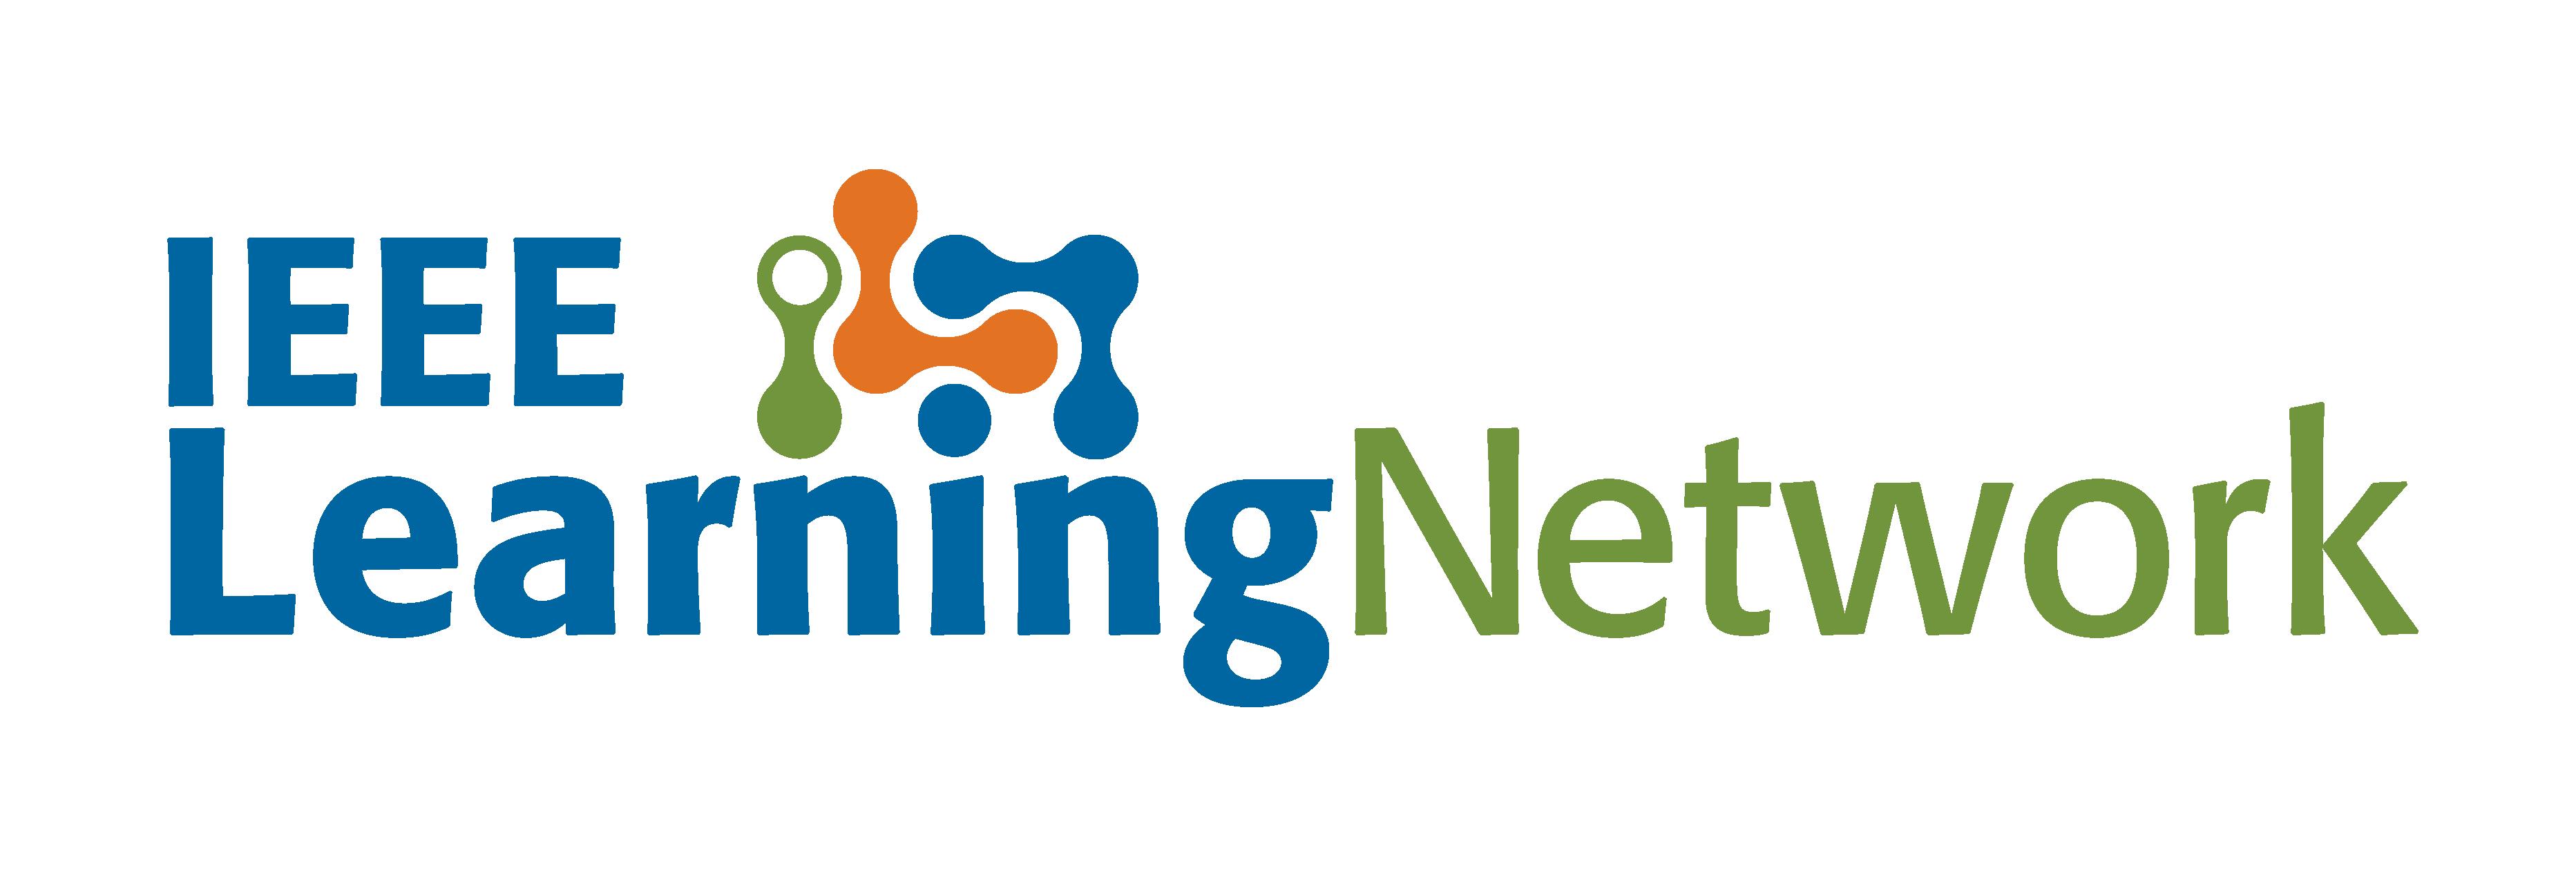 Ieee Ieee Learning Network Iln